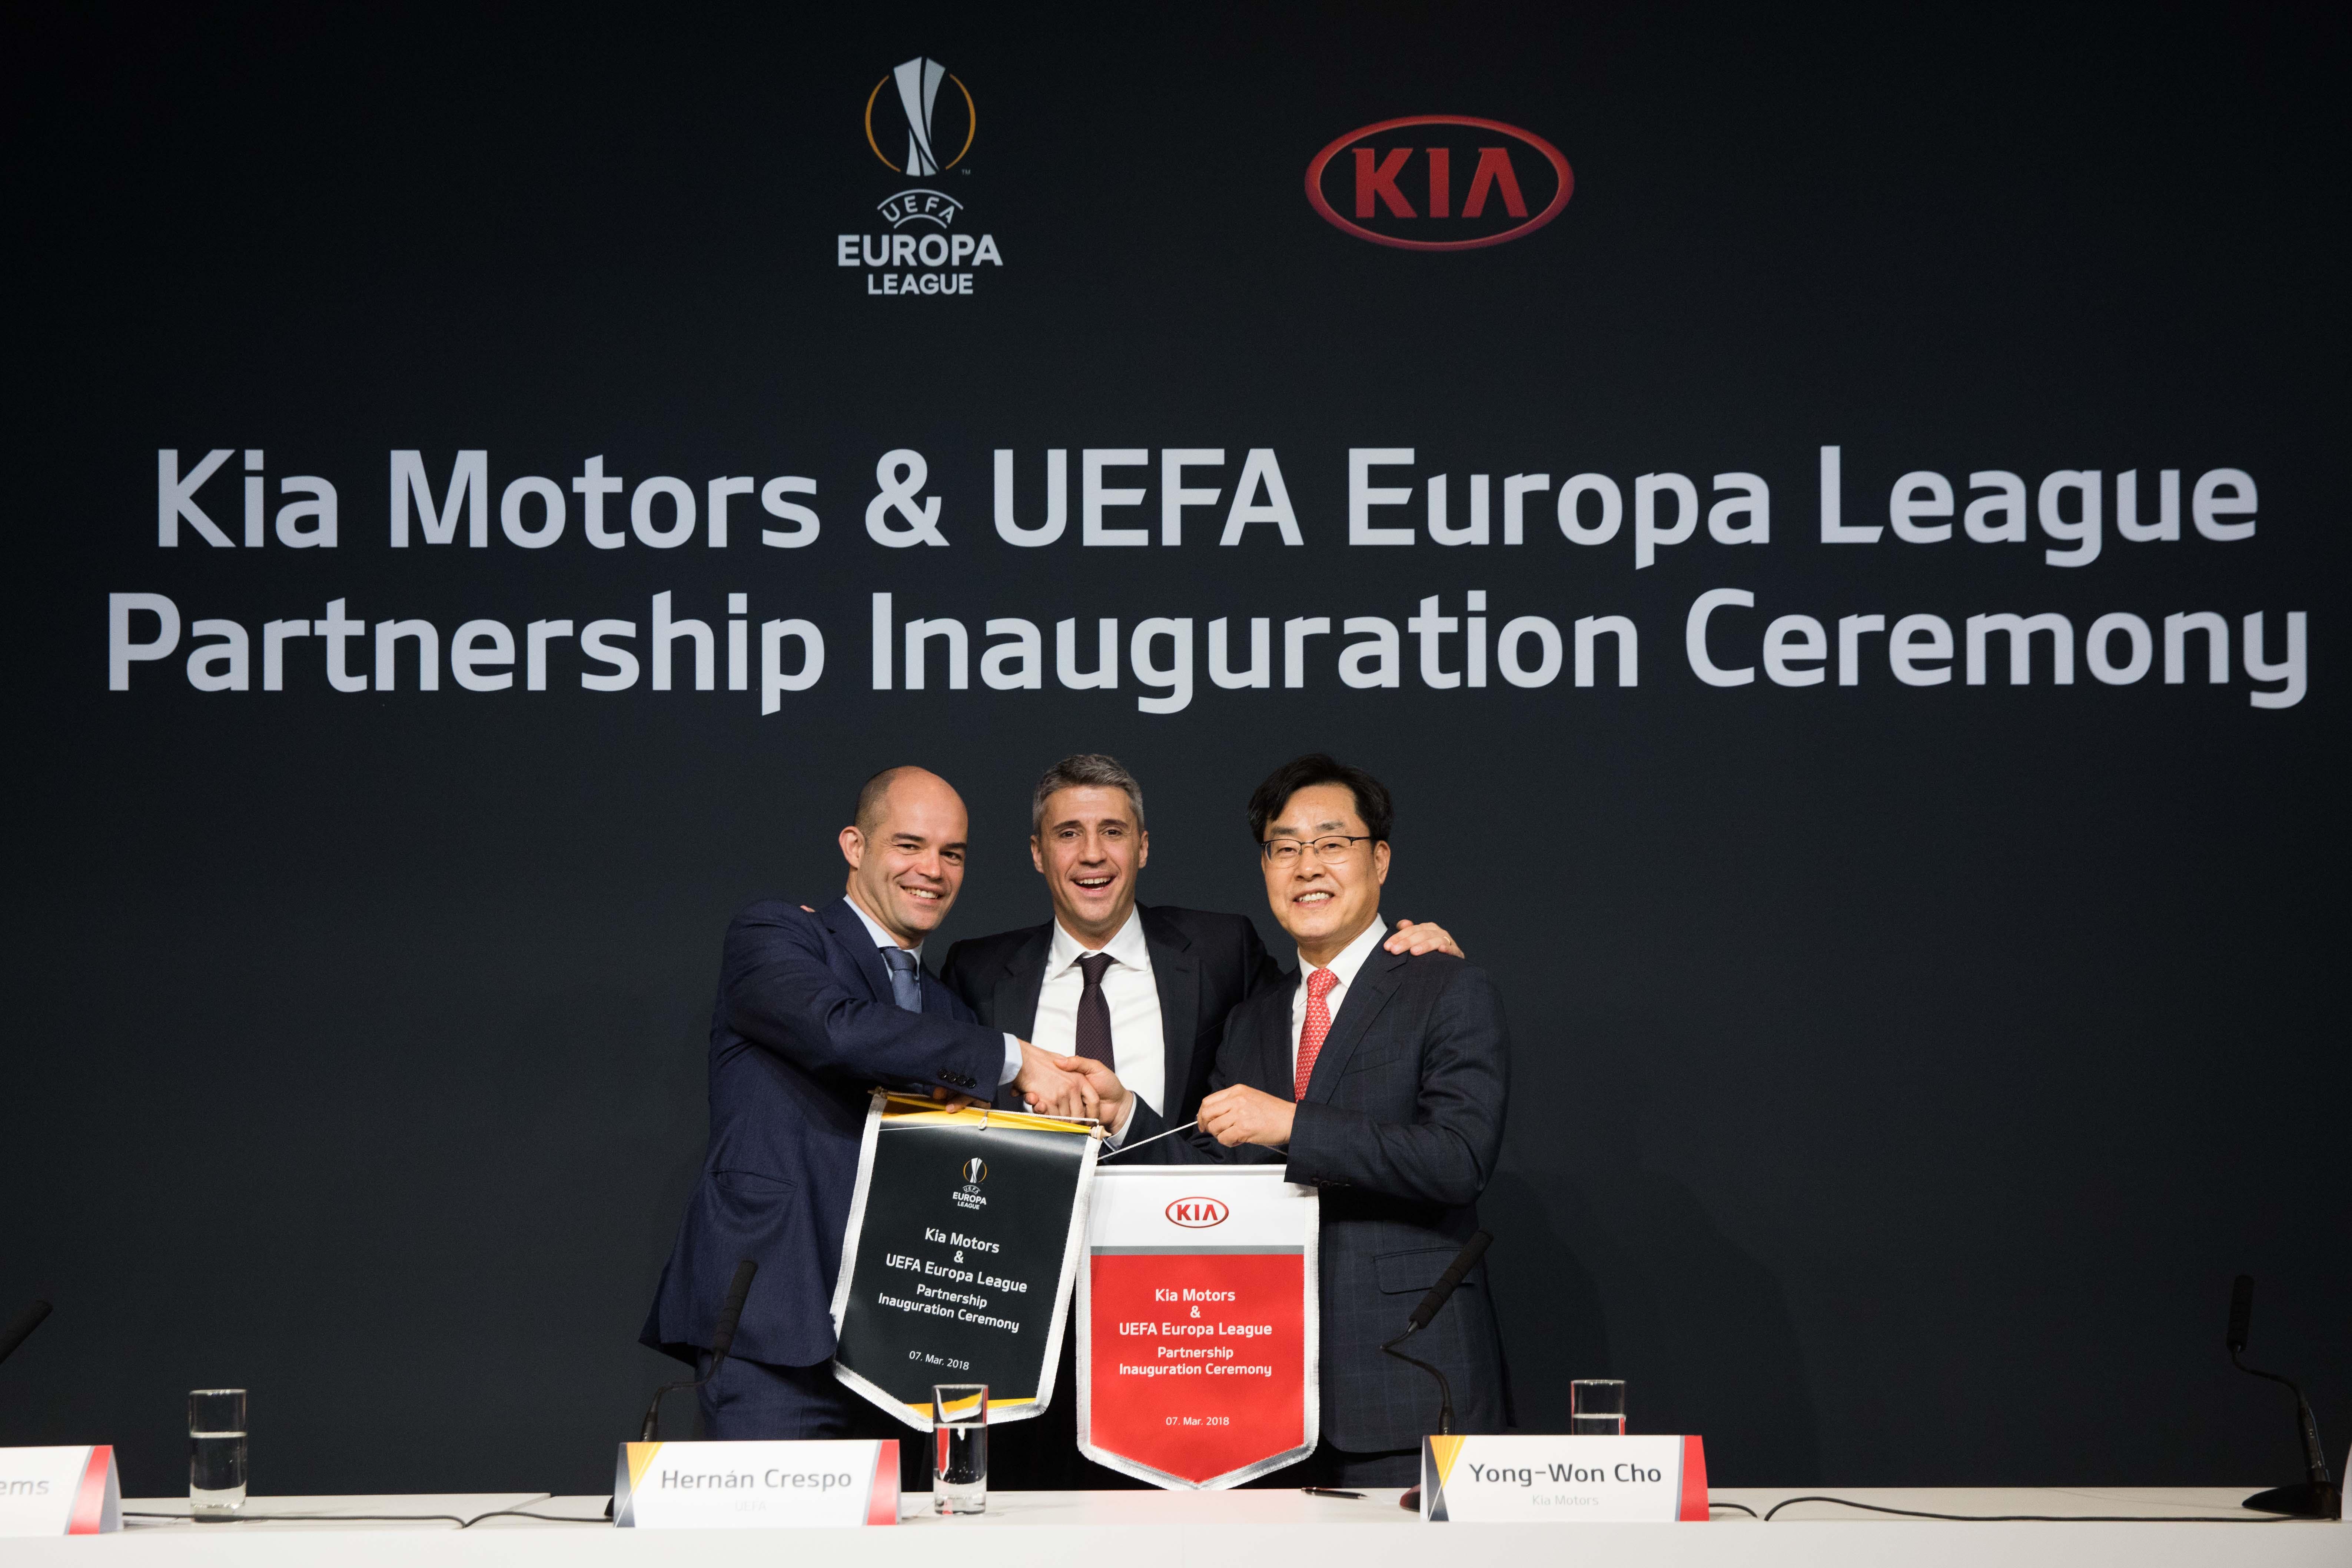 KIA CELEBRA NUEVO ACUERDO DE PATROCINIO DE LA UEFA EUROPA LEAGUE